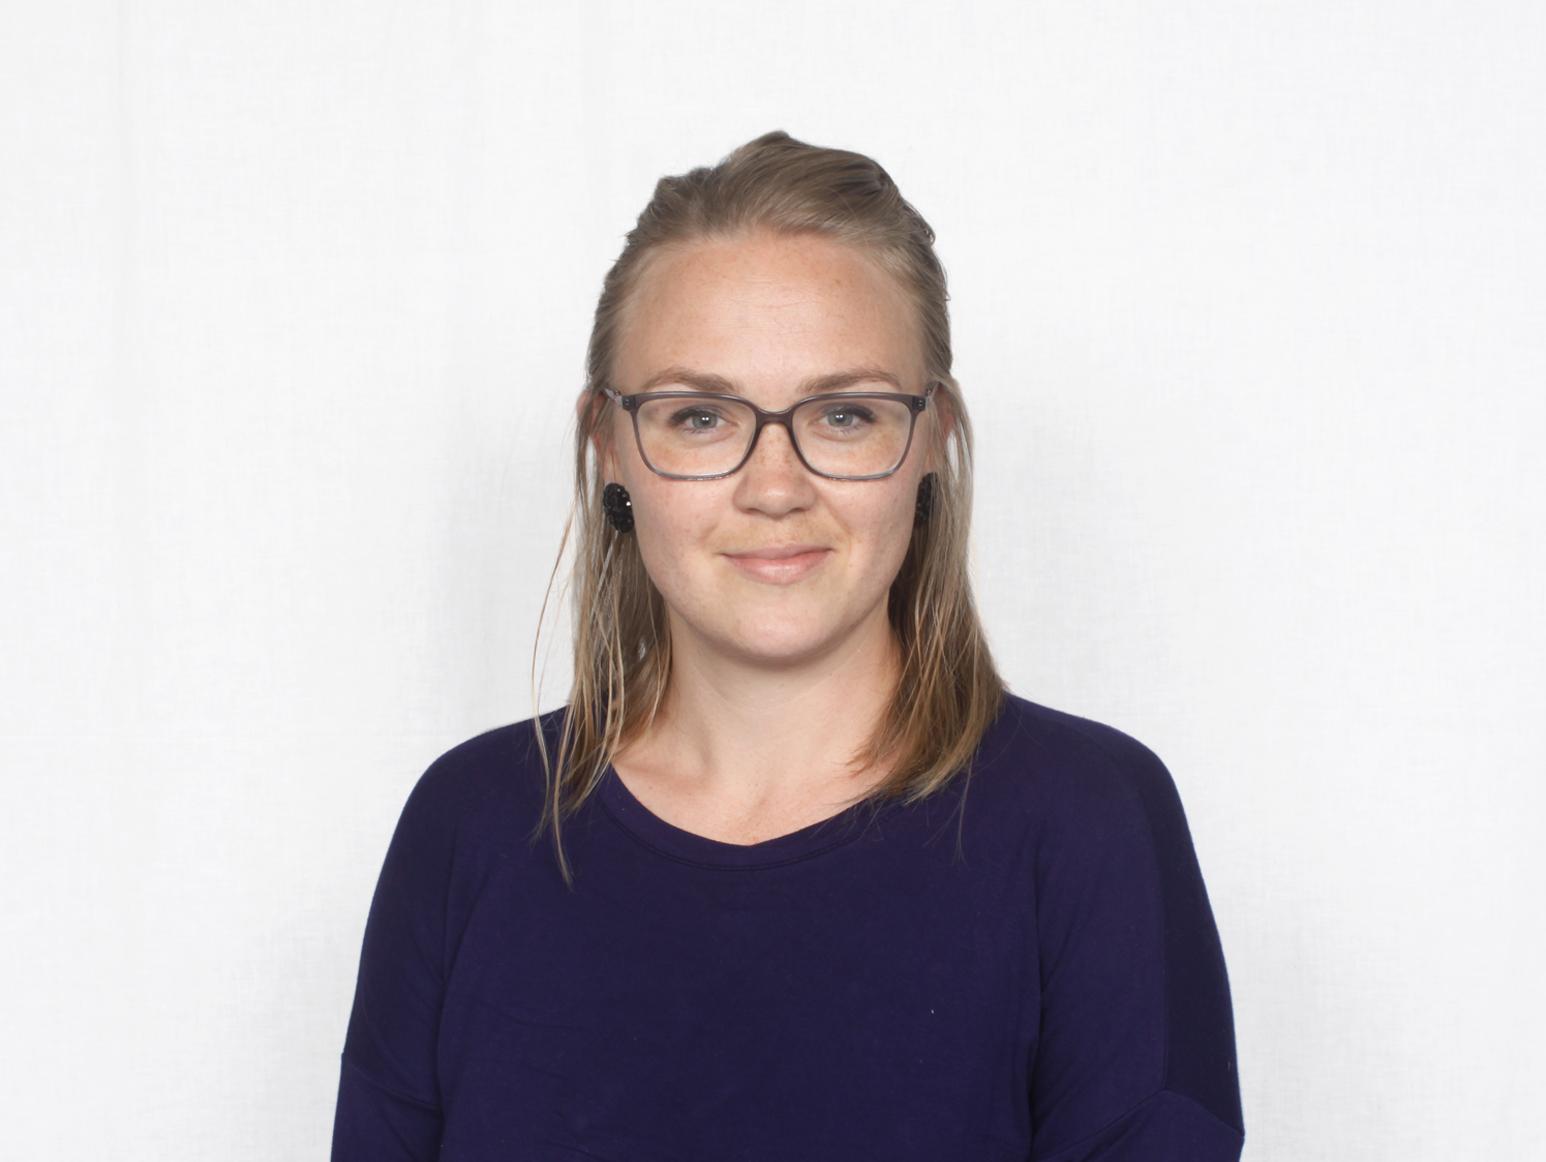 Megan Wienand